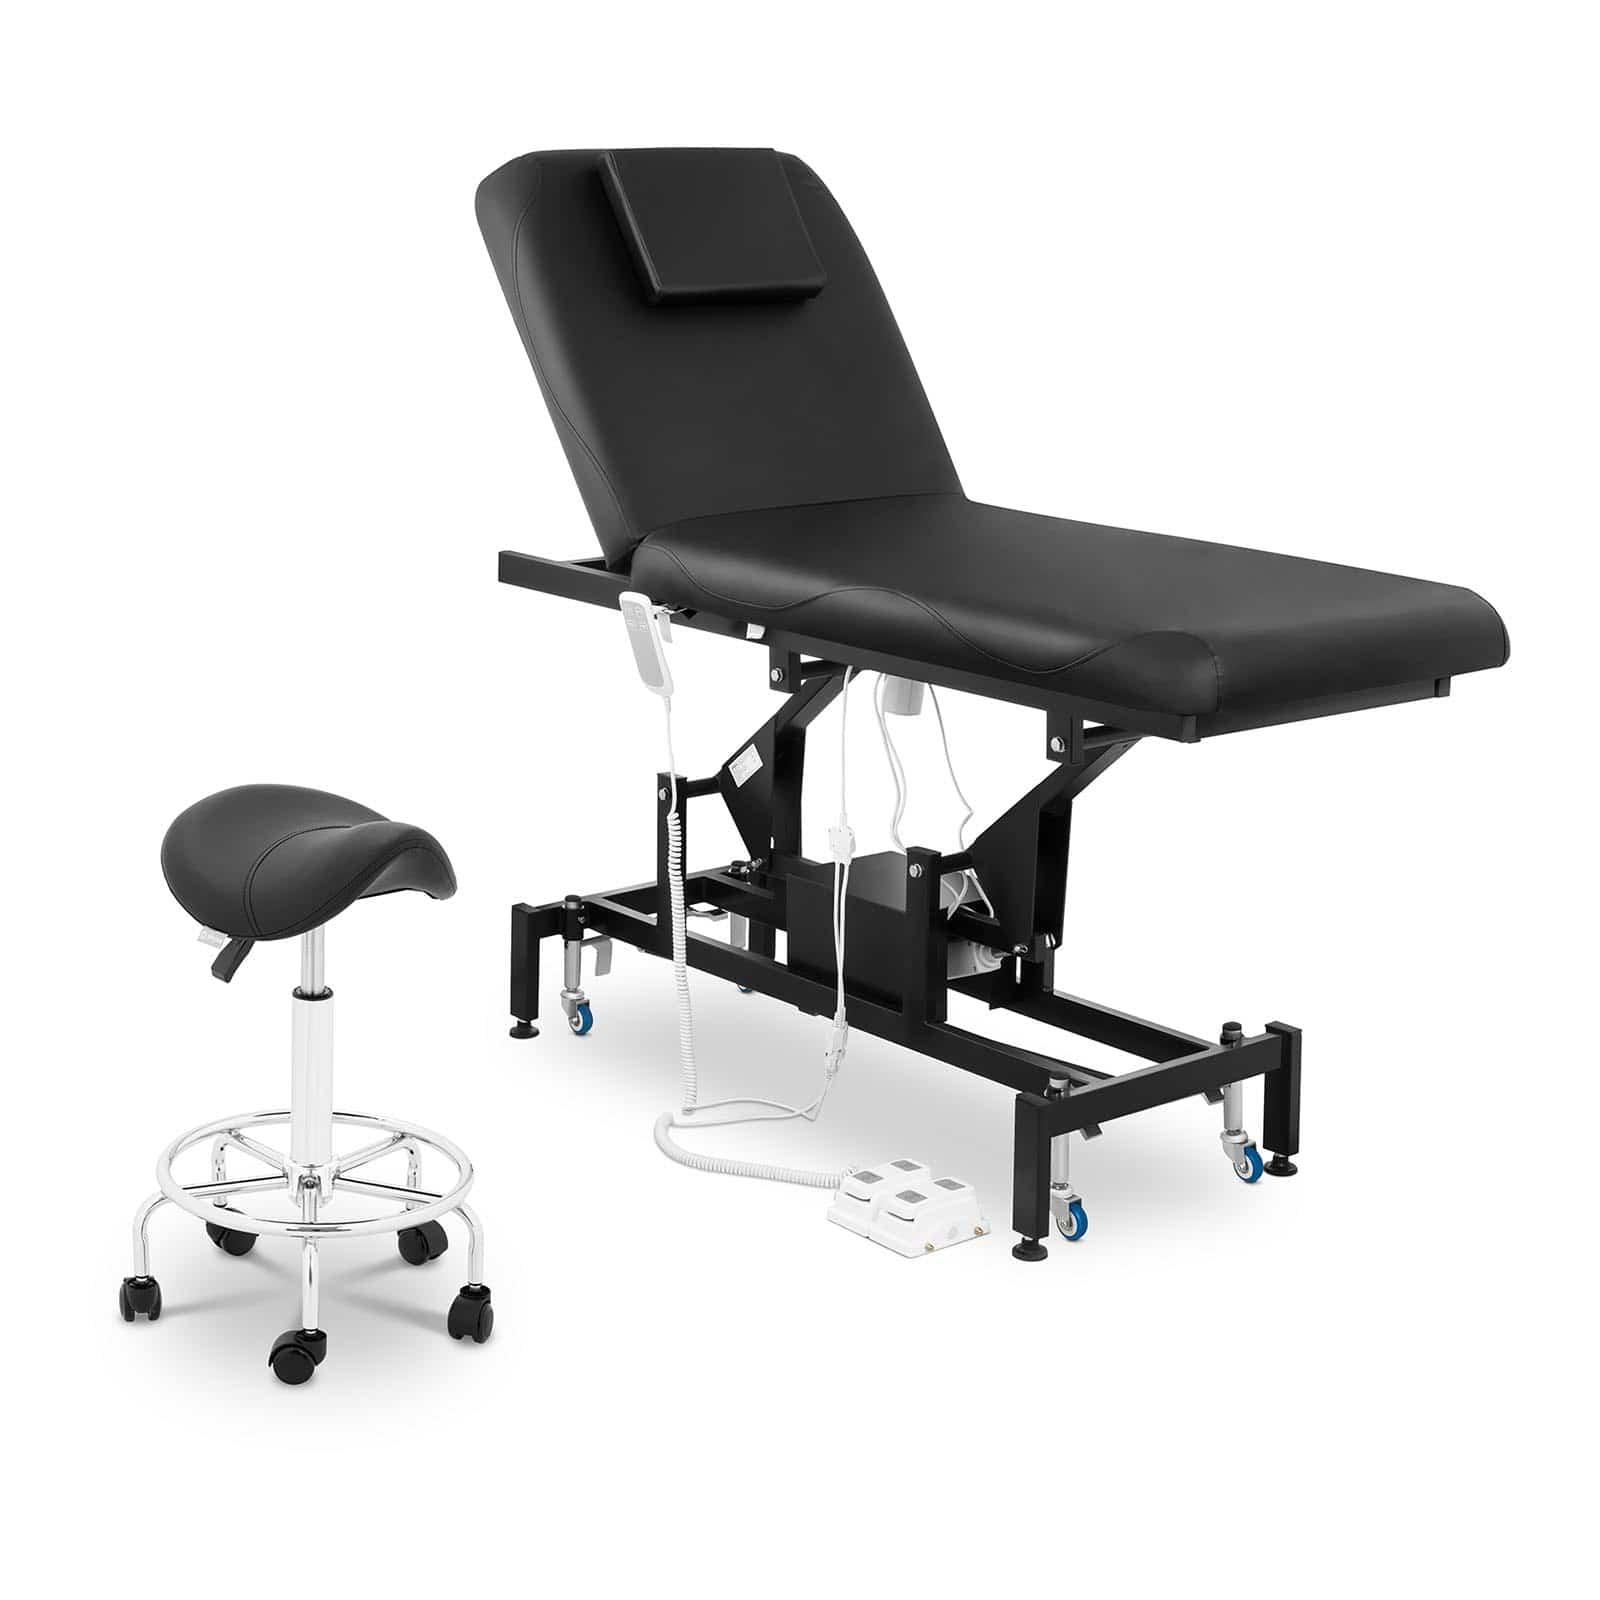 Zestaw Łóżko do masażu Physa Lyon Black + Krzesło siodłowe Frankfurt w kolorze czarnym